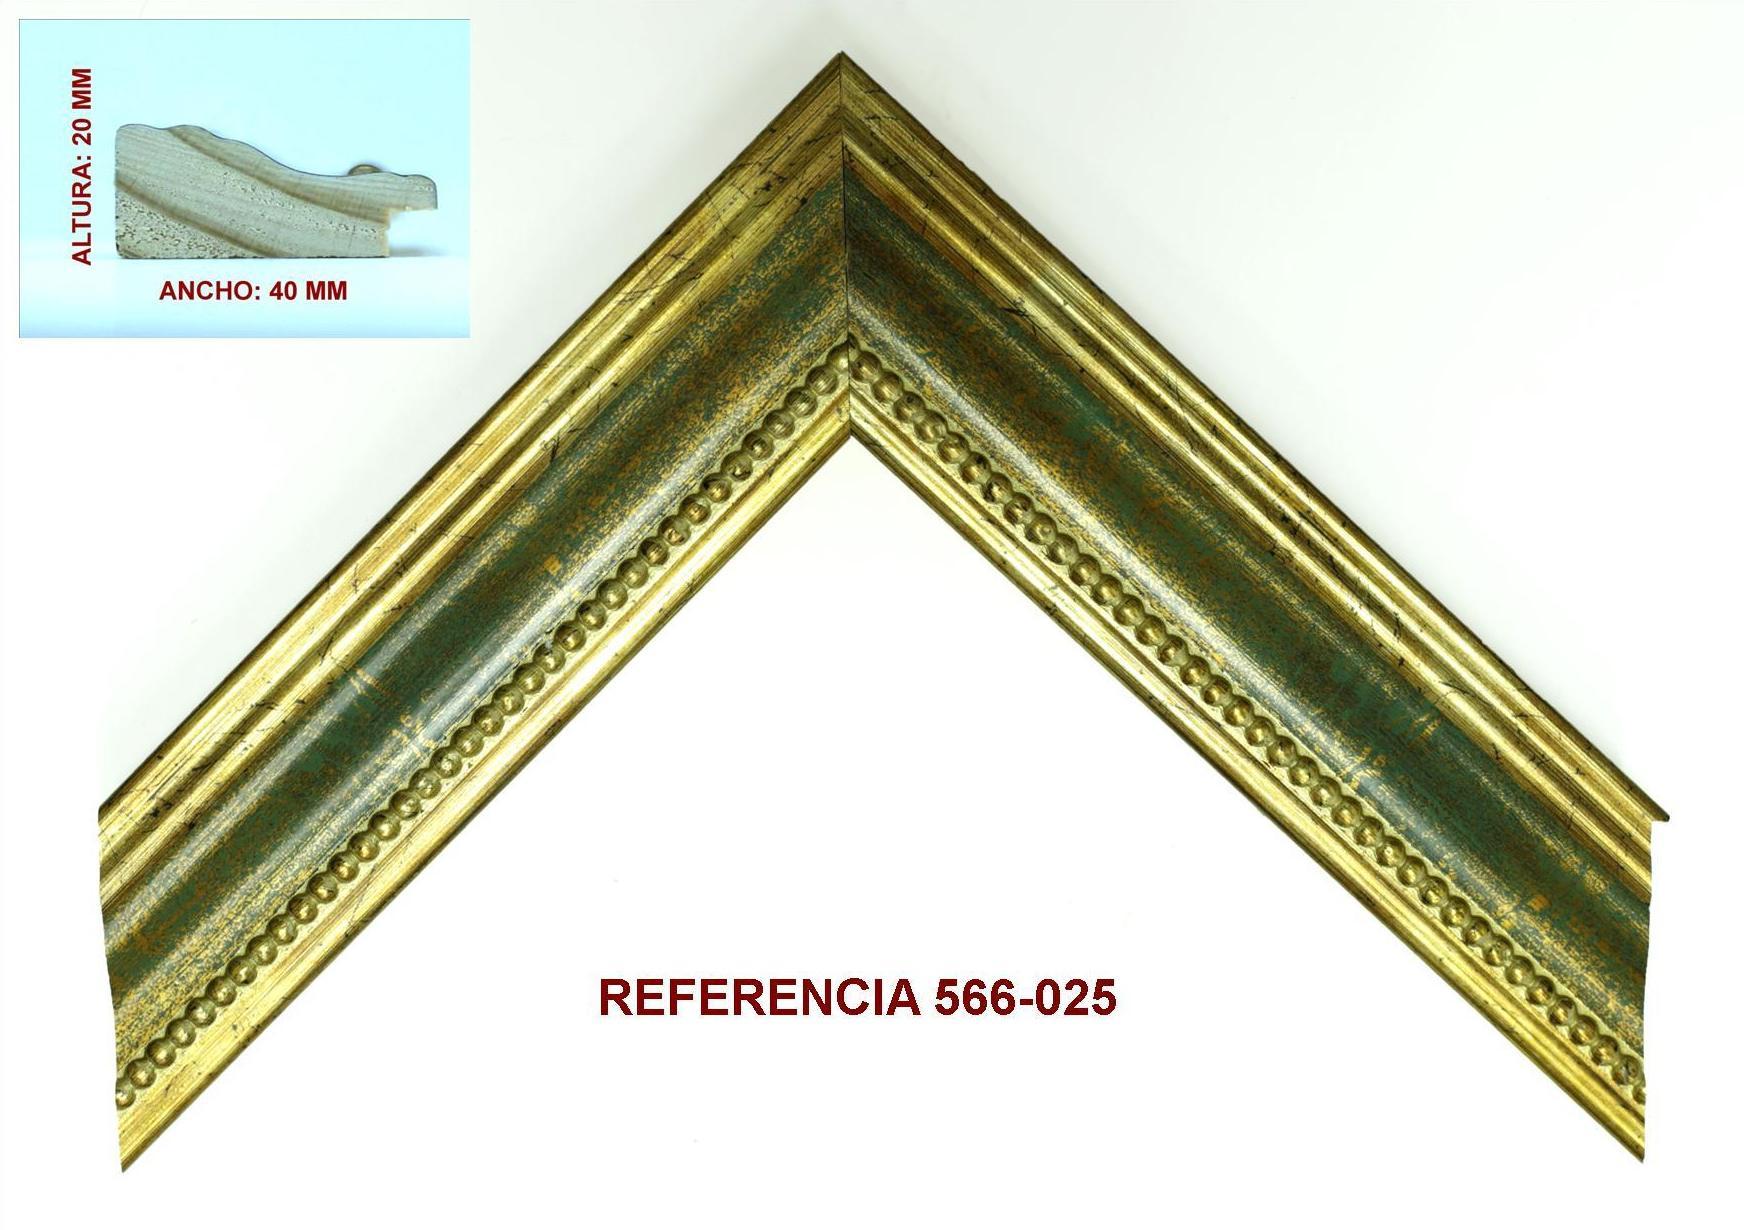 REF 566-025